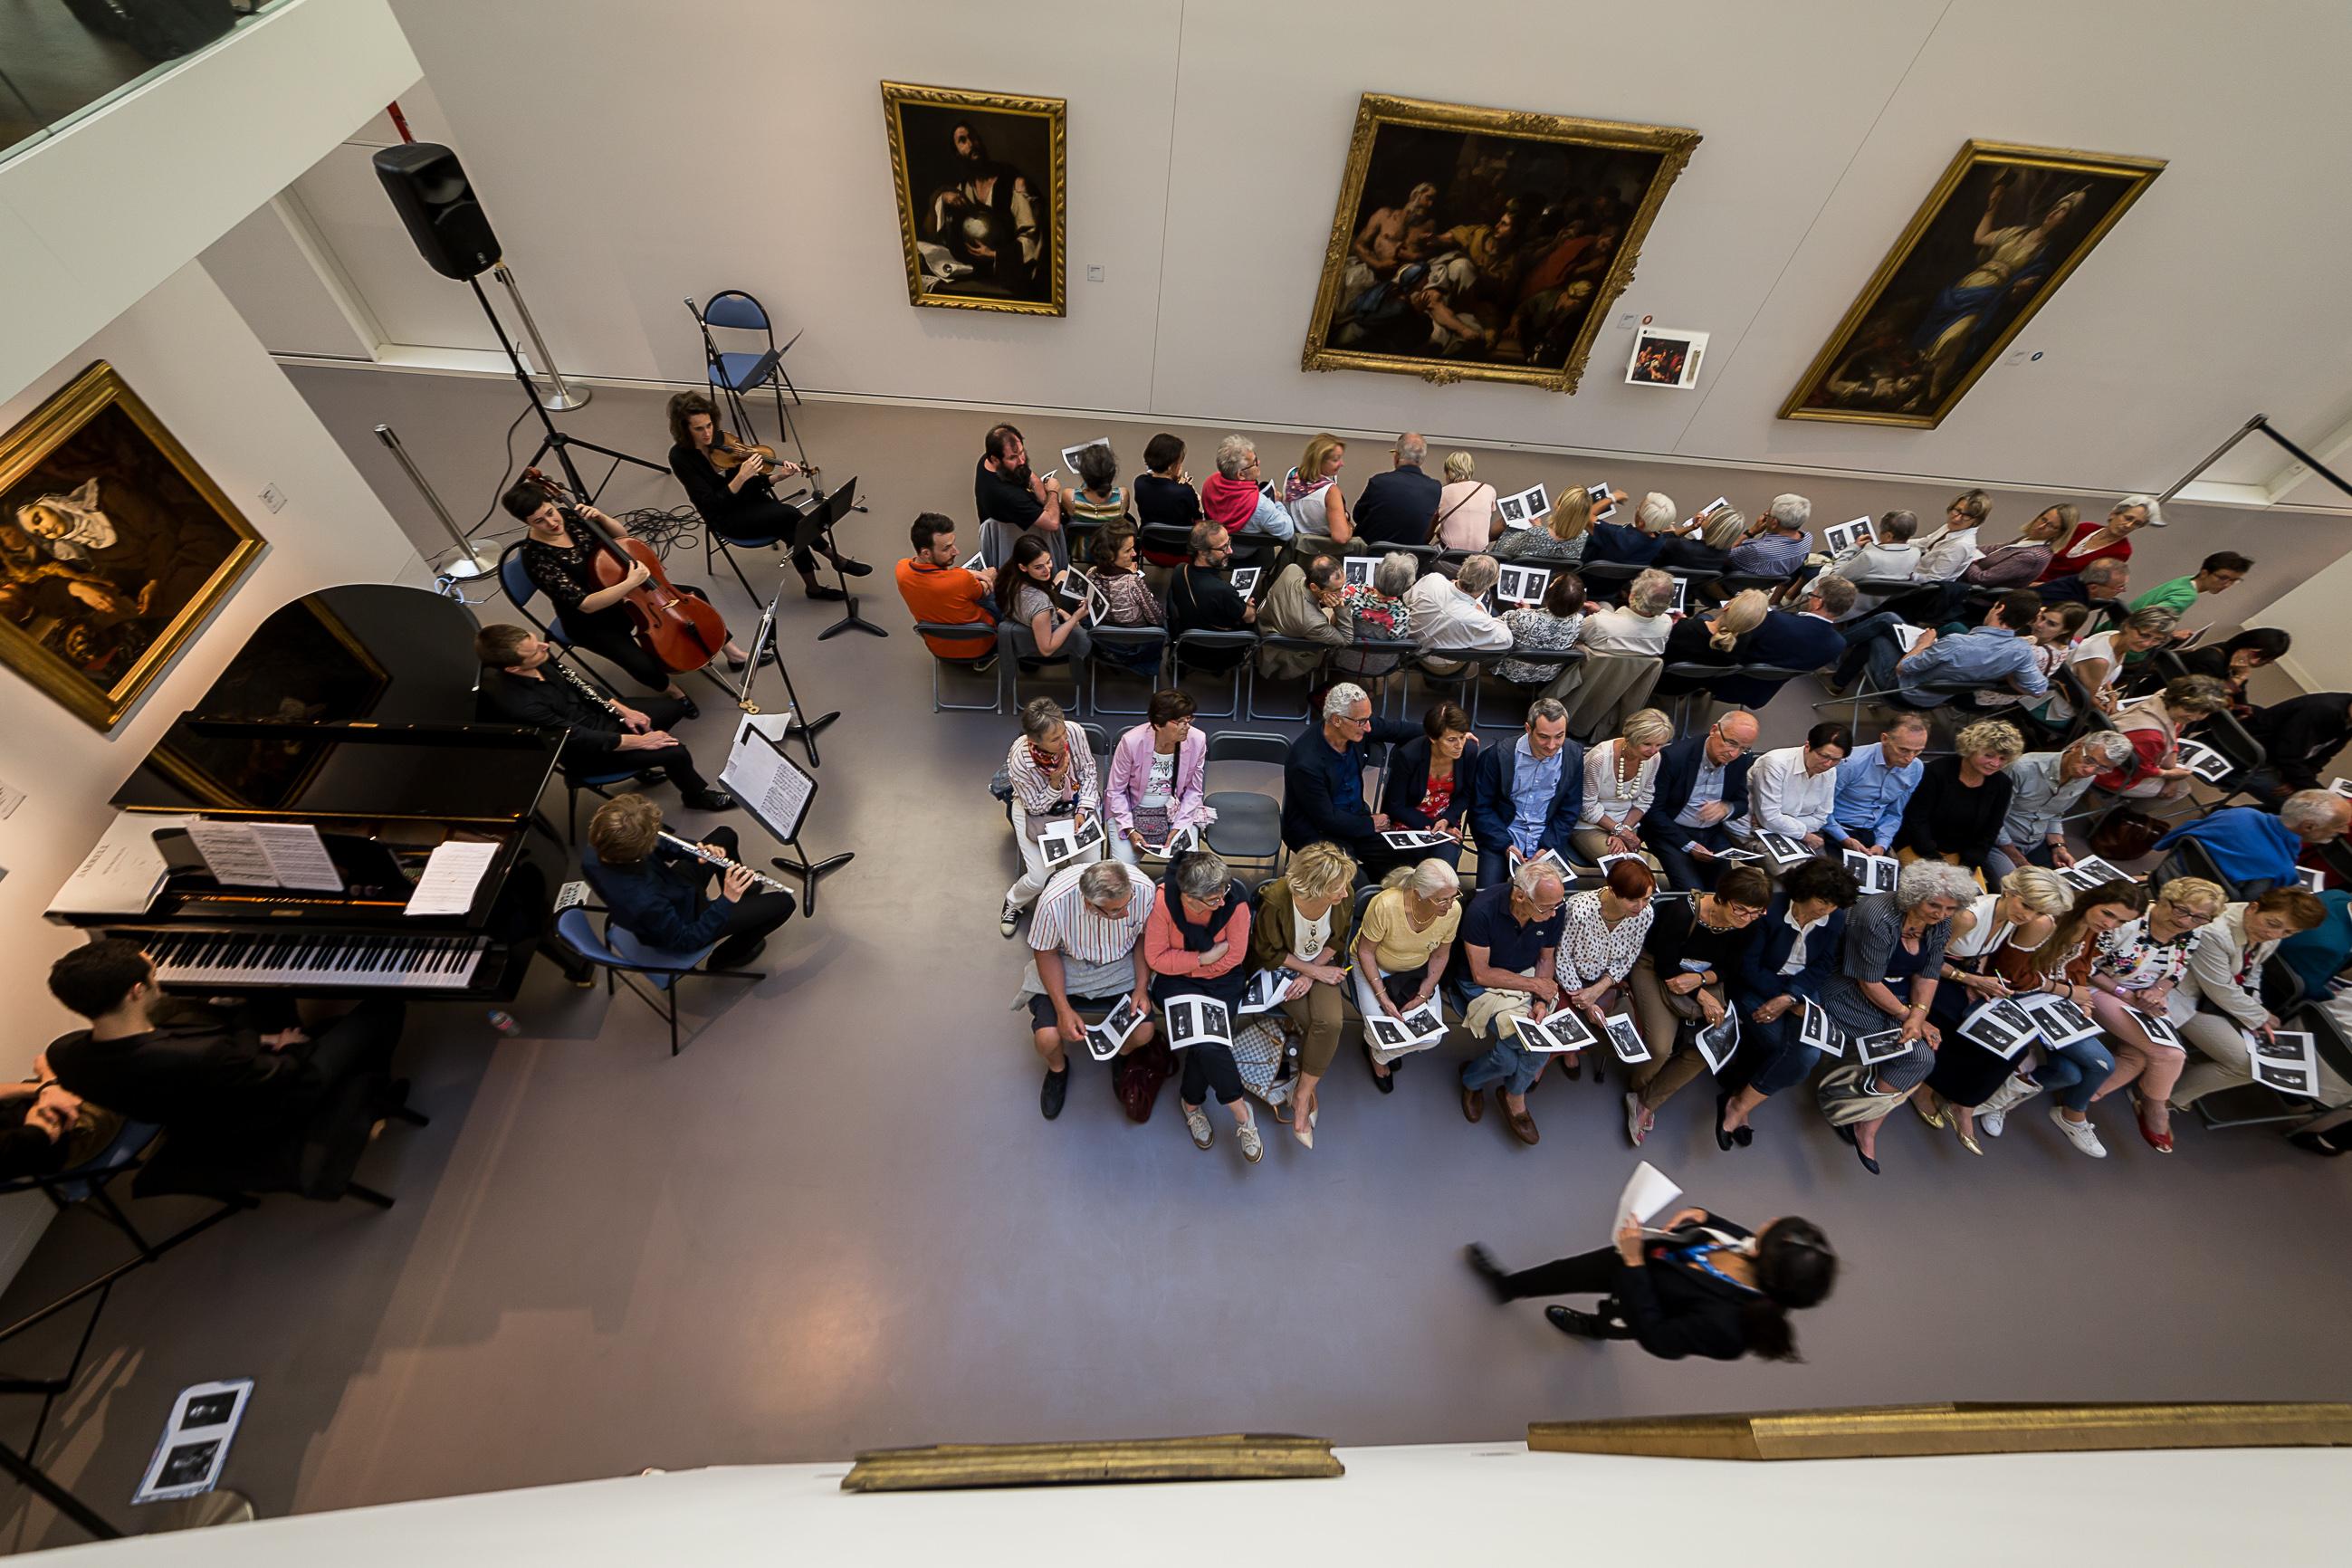 IX. Diderot au Musée des Beaux Arts de Chambéry